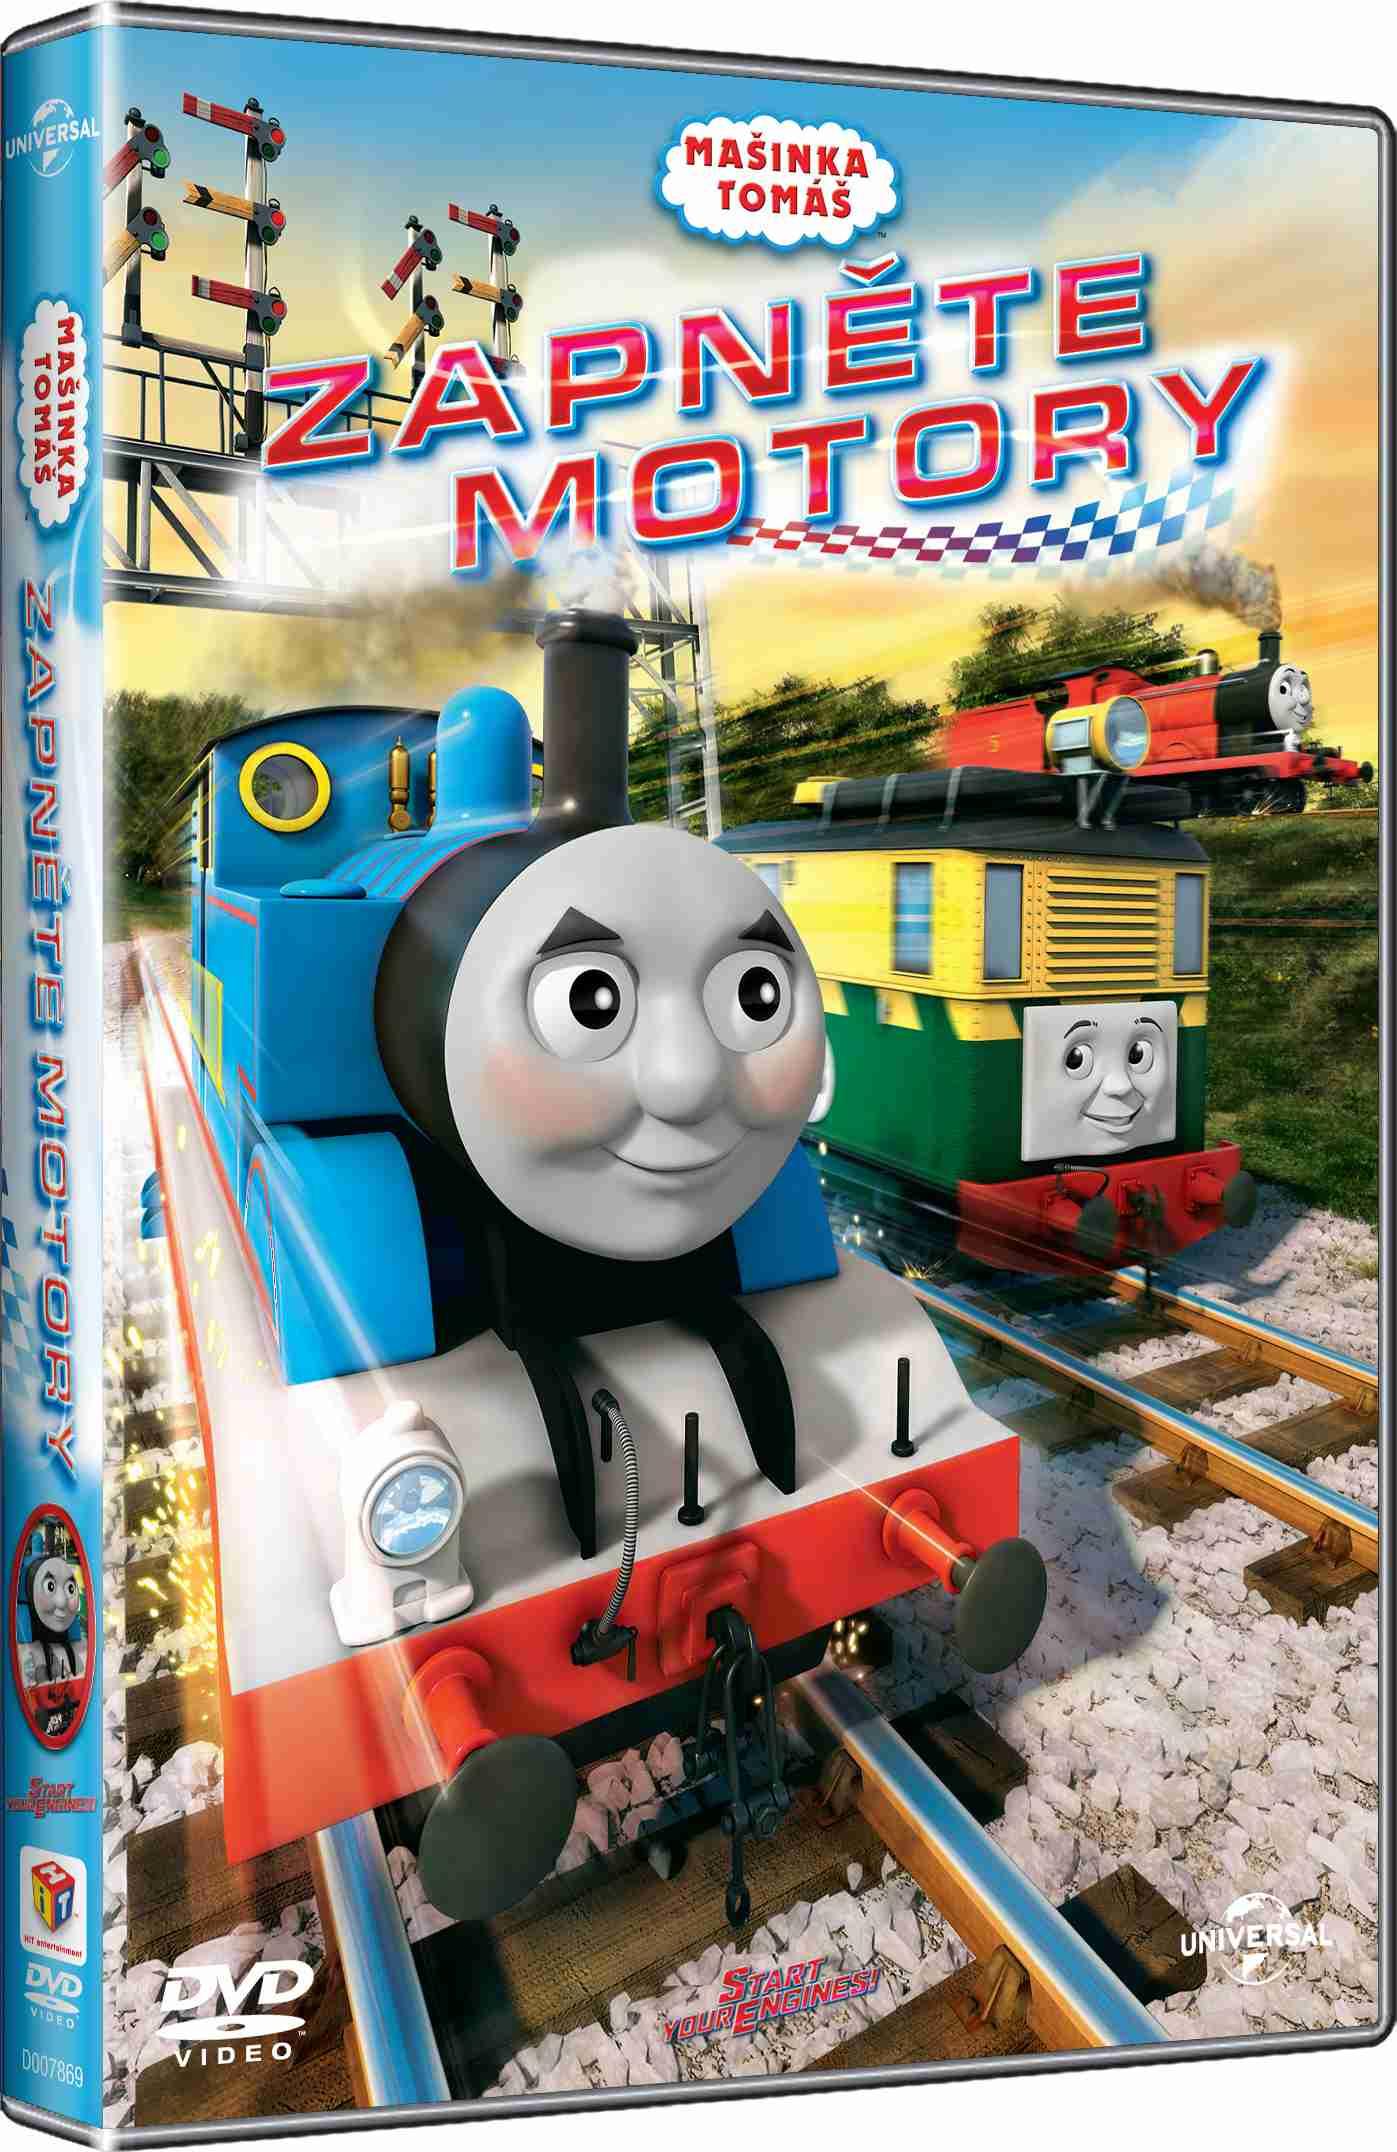 MAŠINKA TOMÁŠ: ZAPNĚTE MOTORY - DVD (Lokomotiva Tomáš)